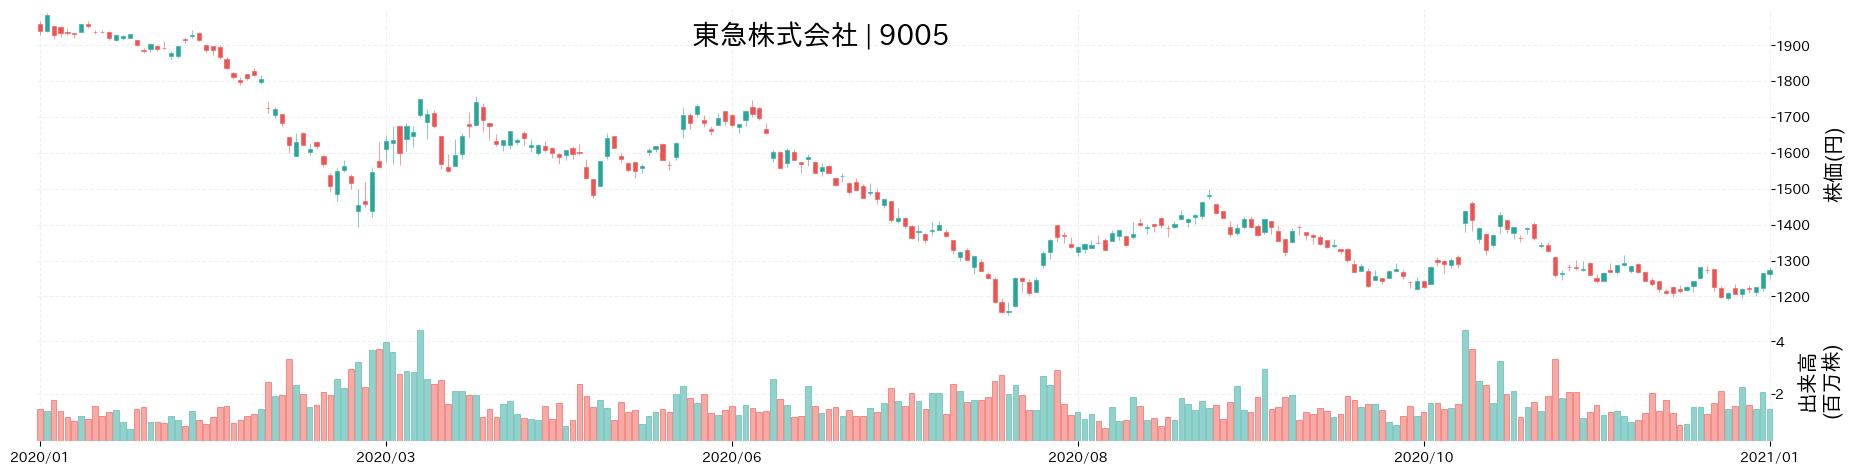 東急株式会社の株価推移(2020)